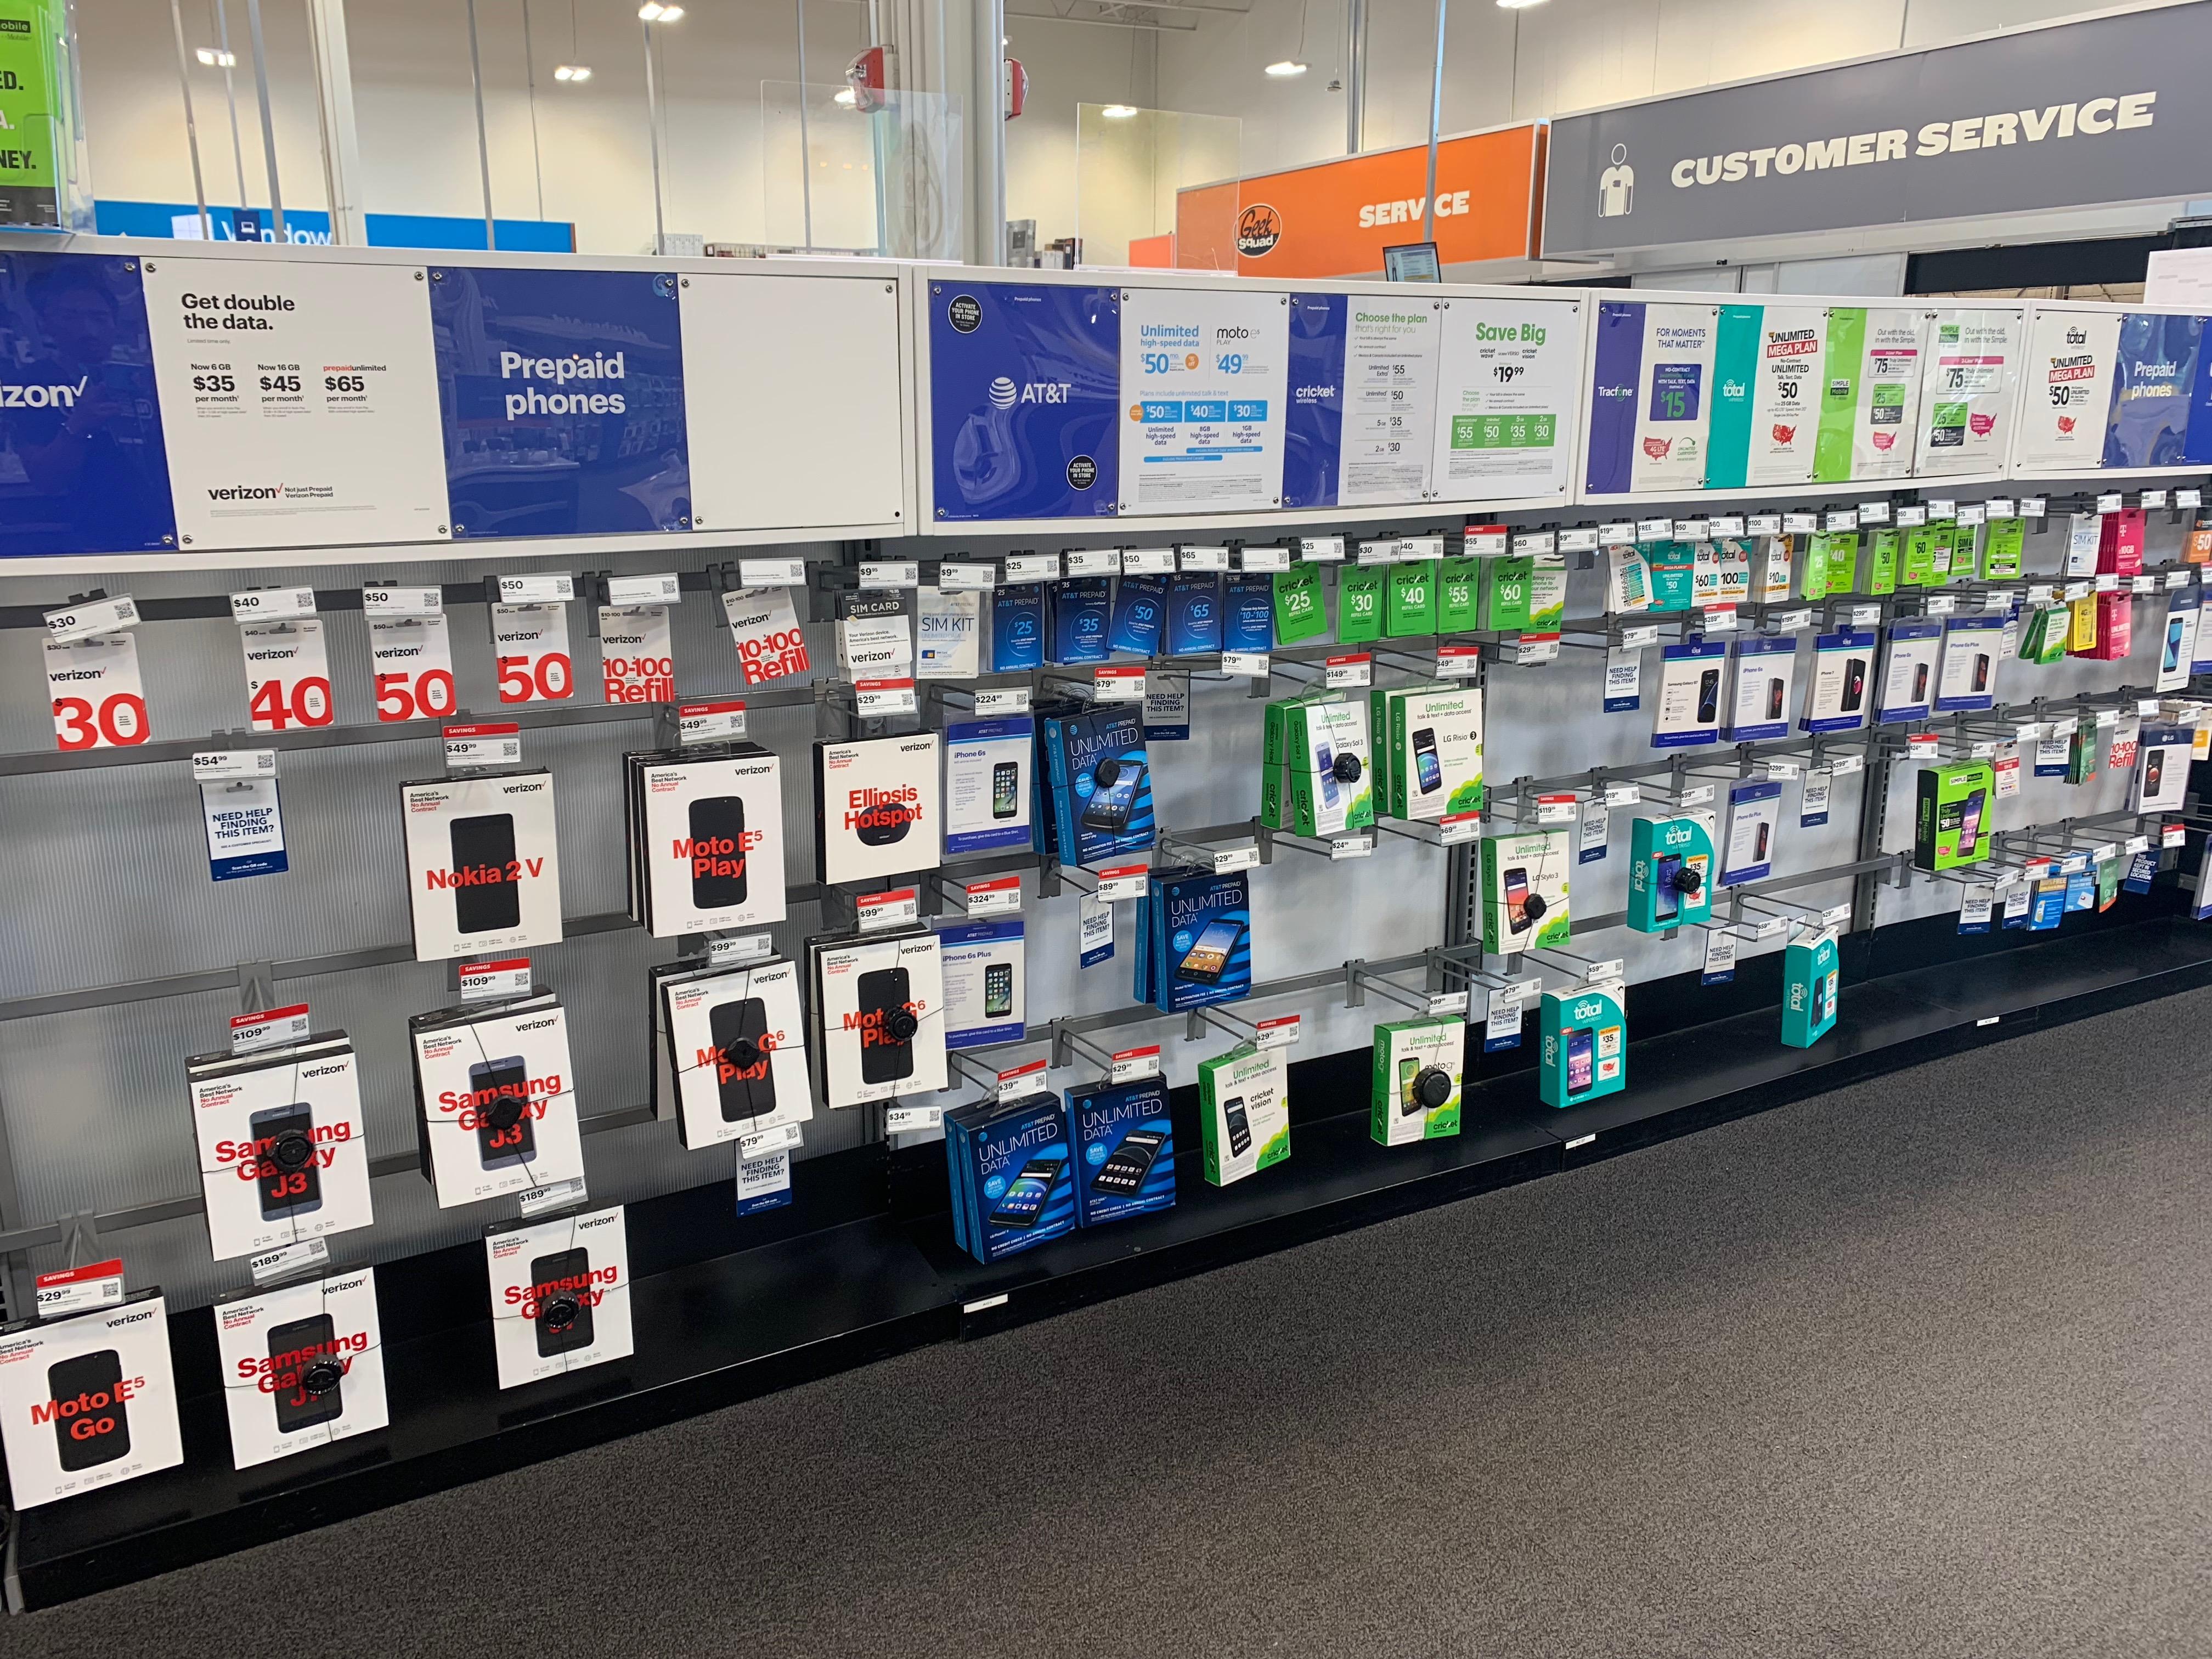 アメリカでSIM・スマホを販売する家電量販店Best Buy